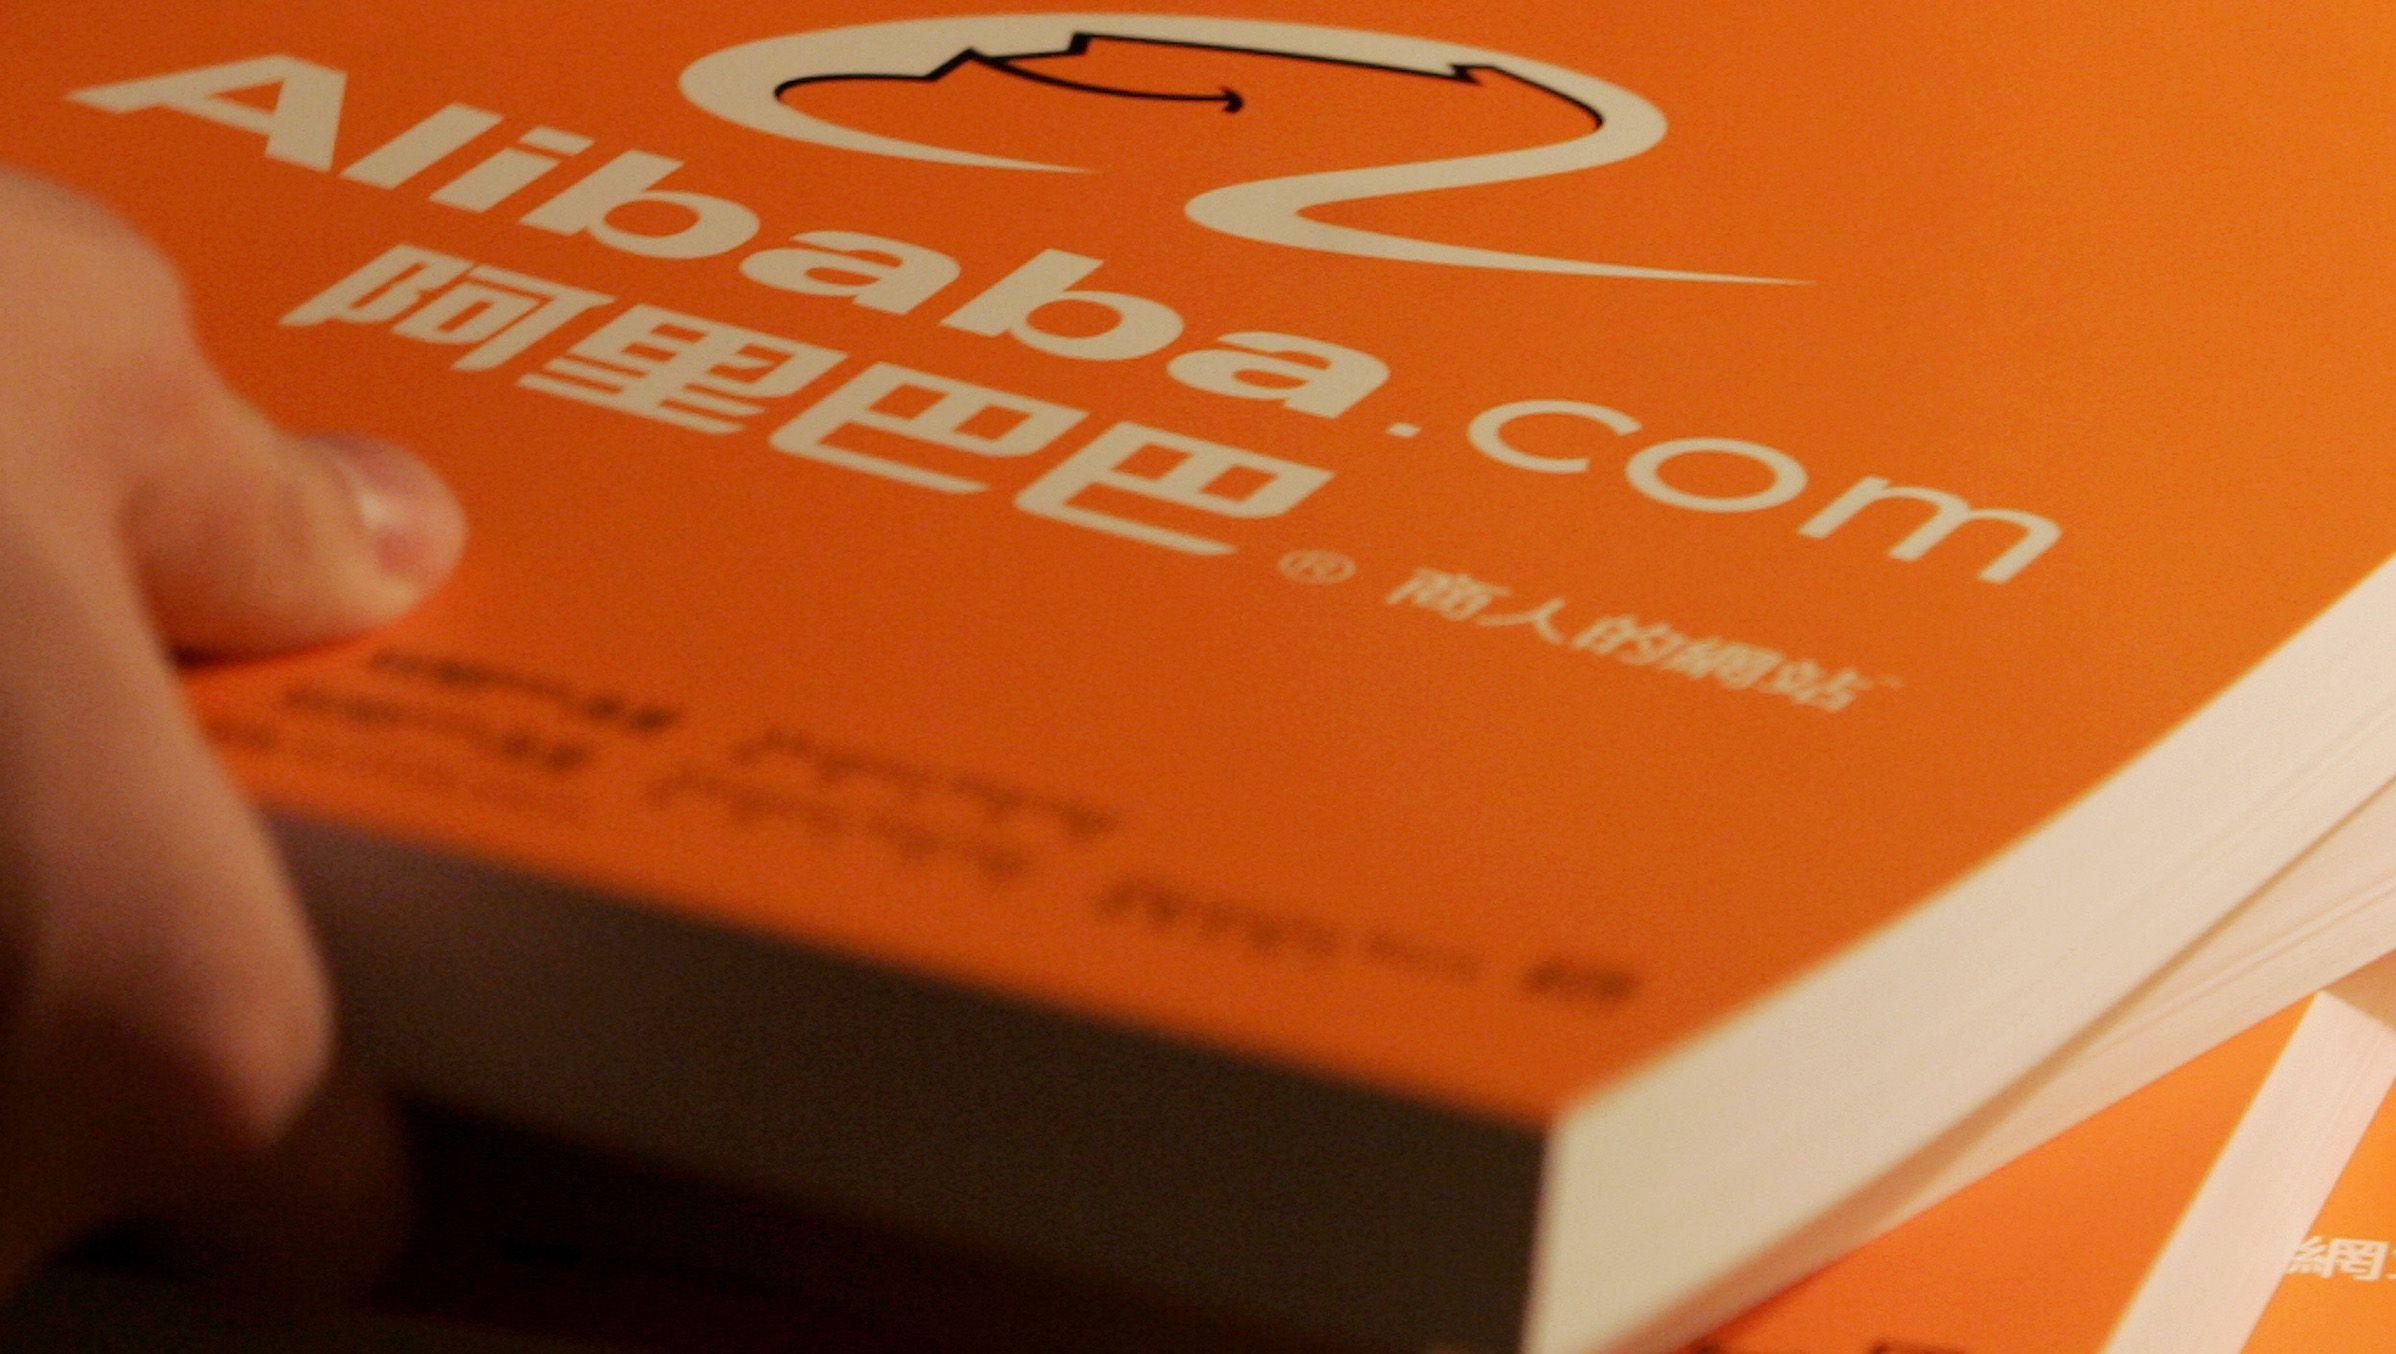 Alibaba IPO brochures